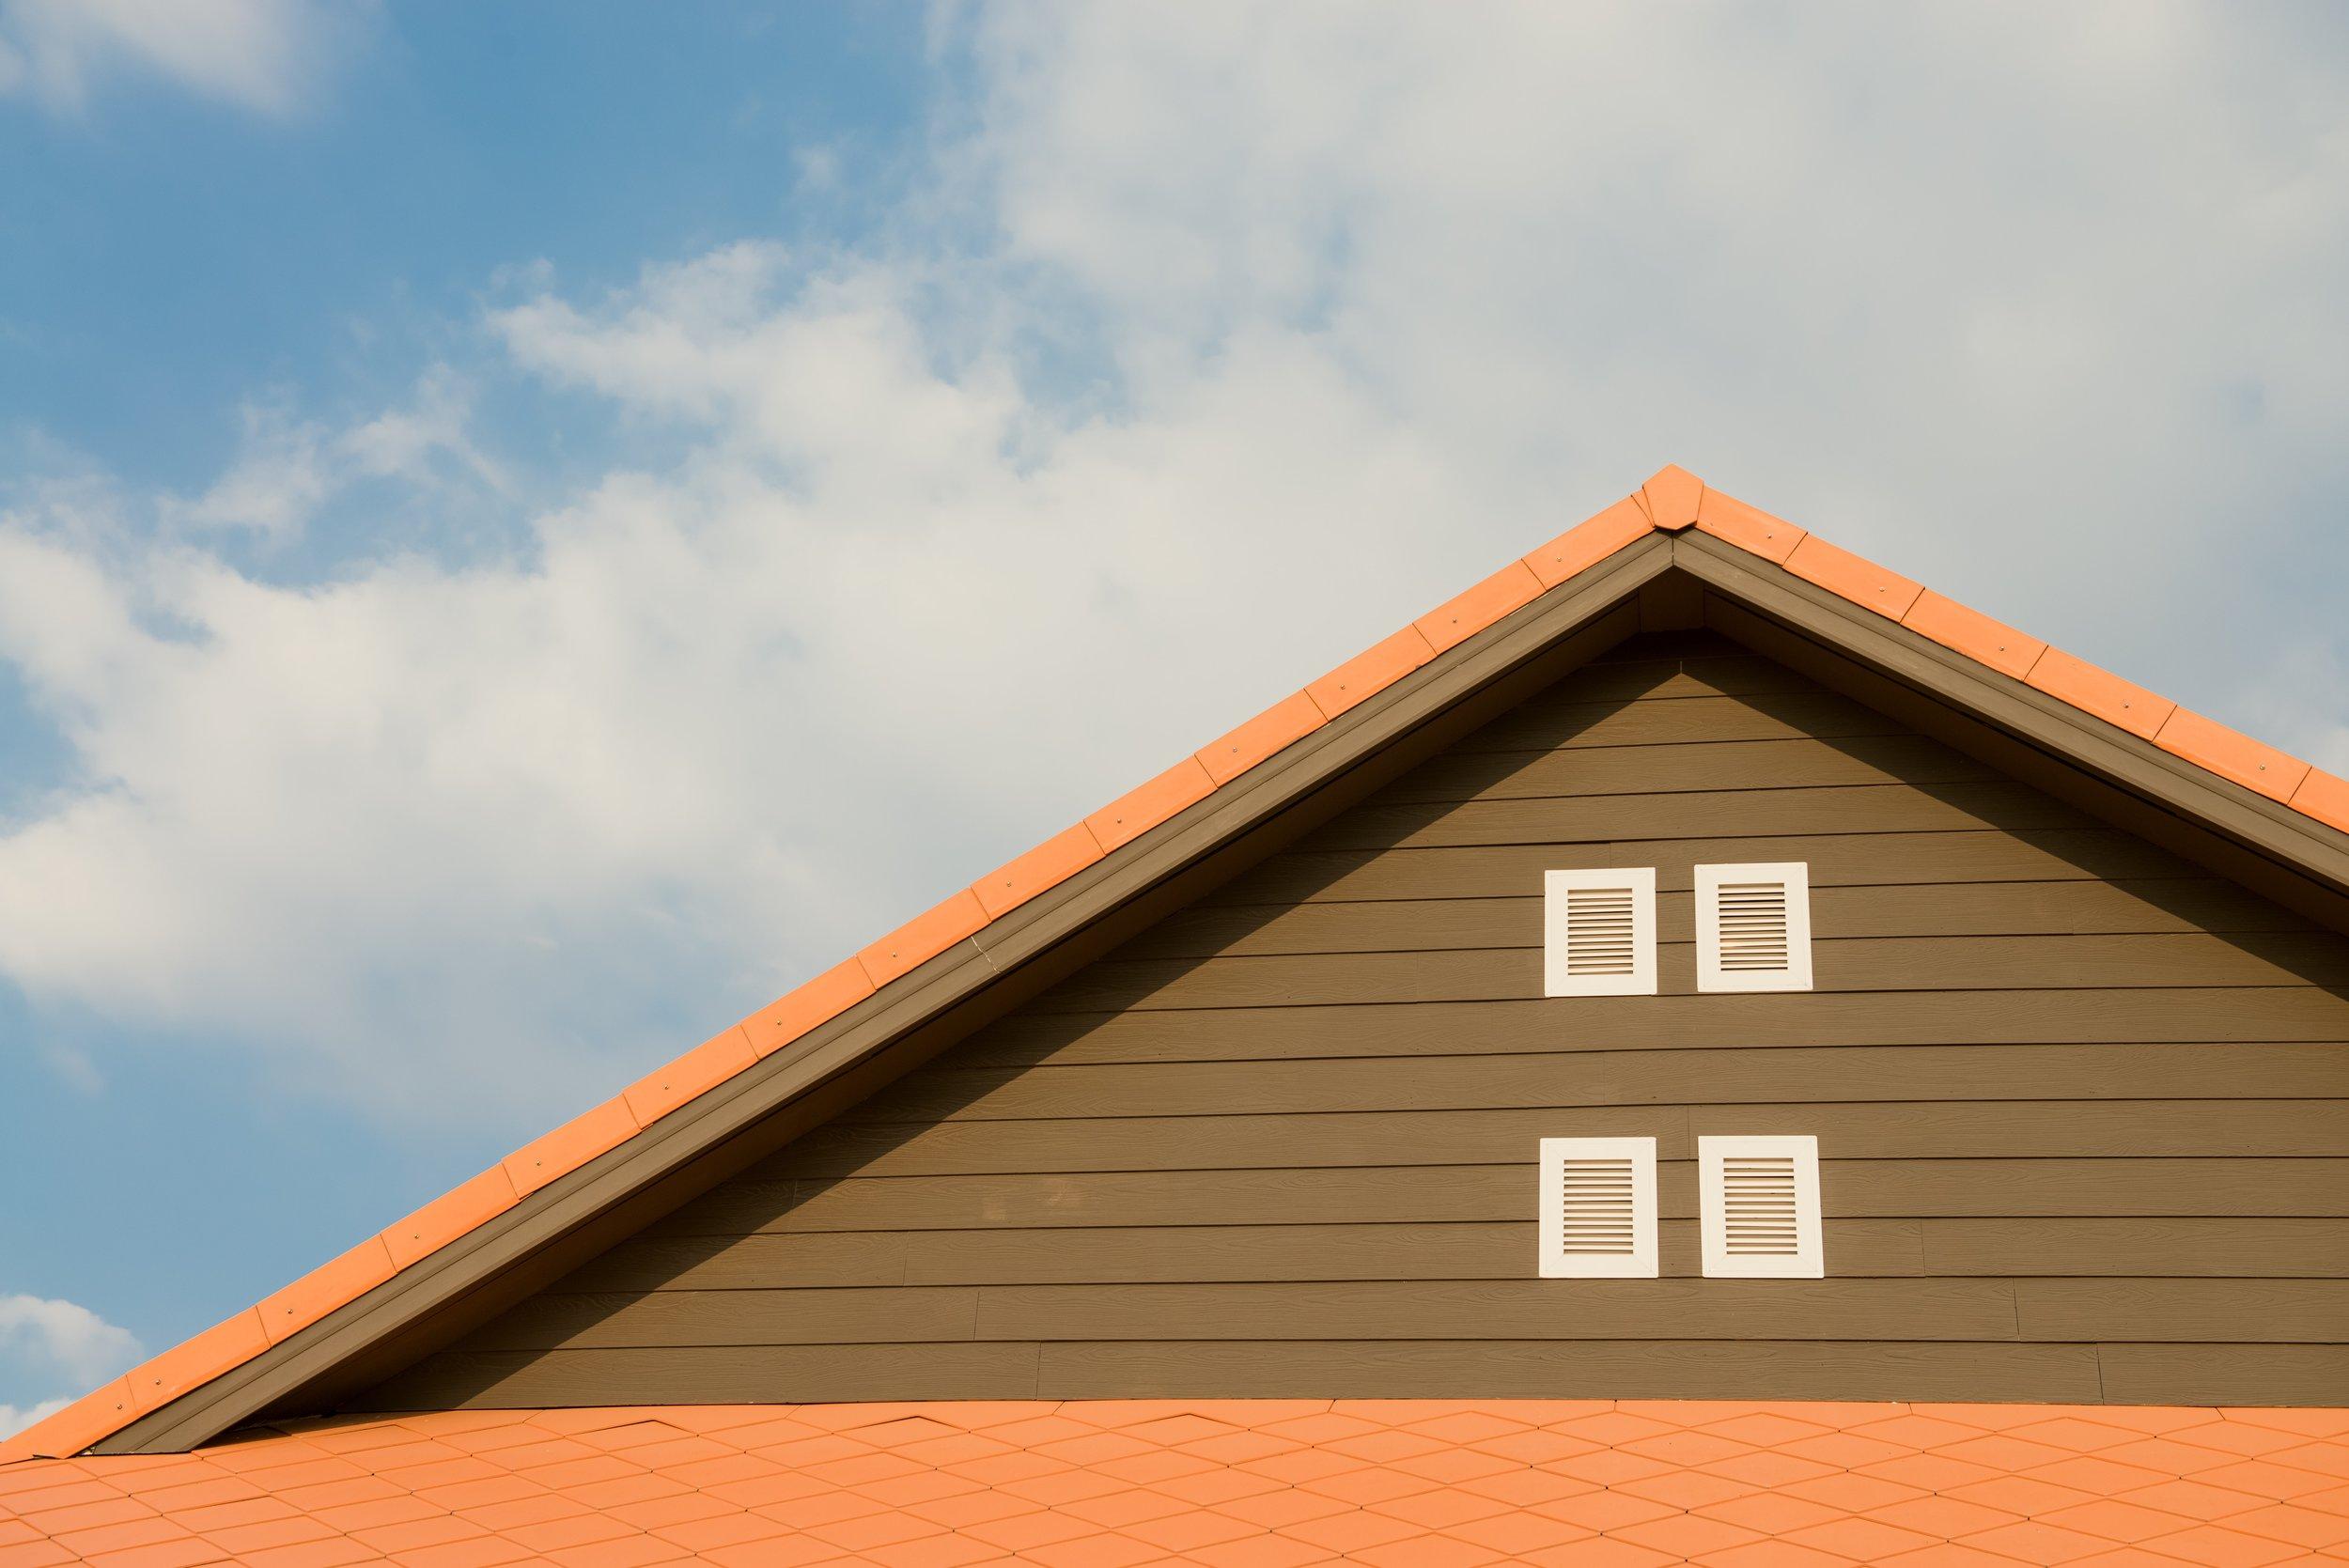 roof-questions-contractors-home-exterior.jpg